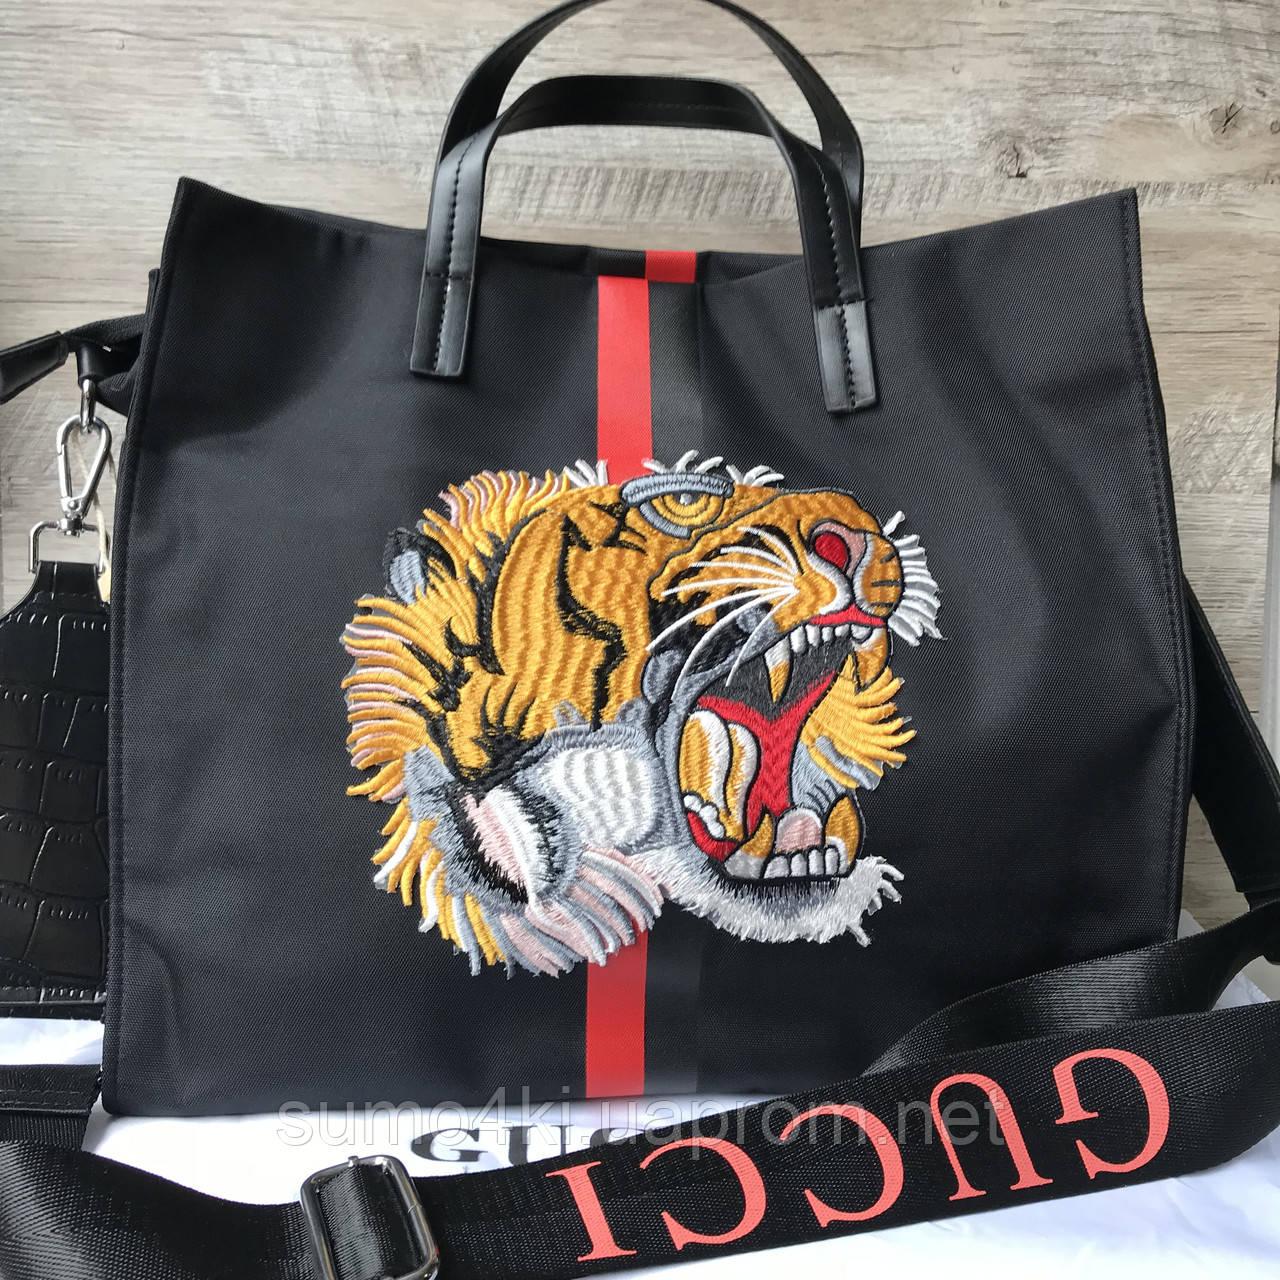 Женская спортивная сумка Gucci Гуччи, фото 1